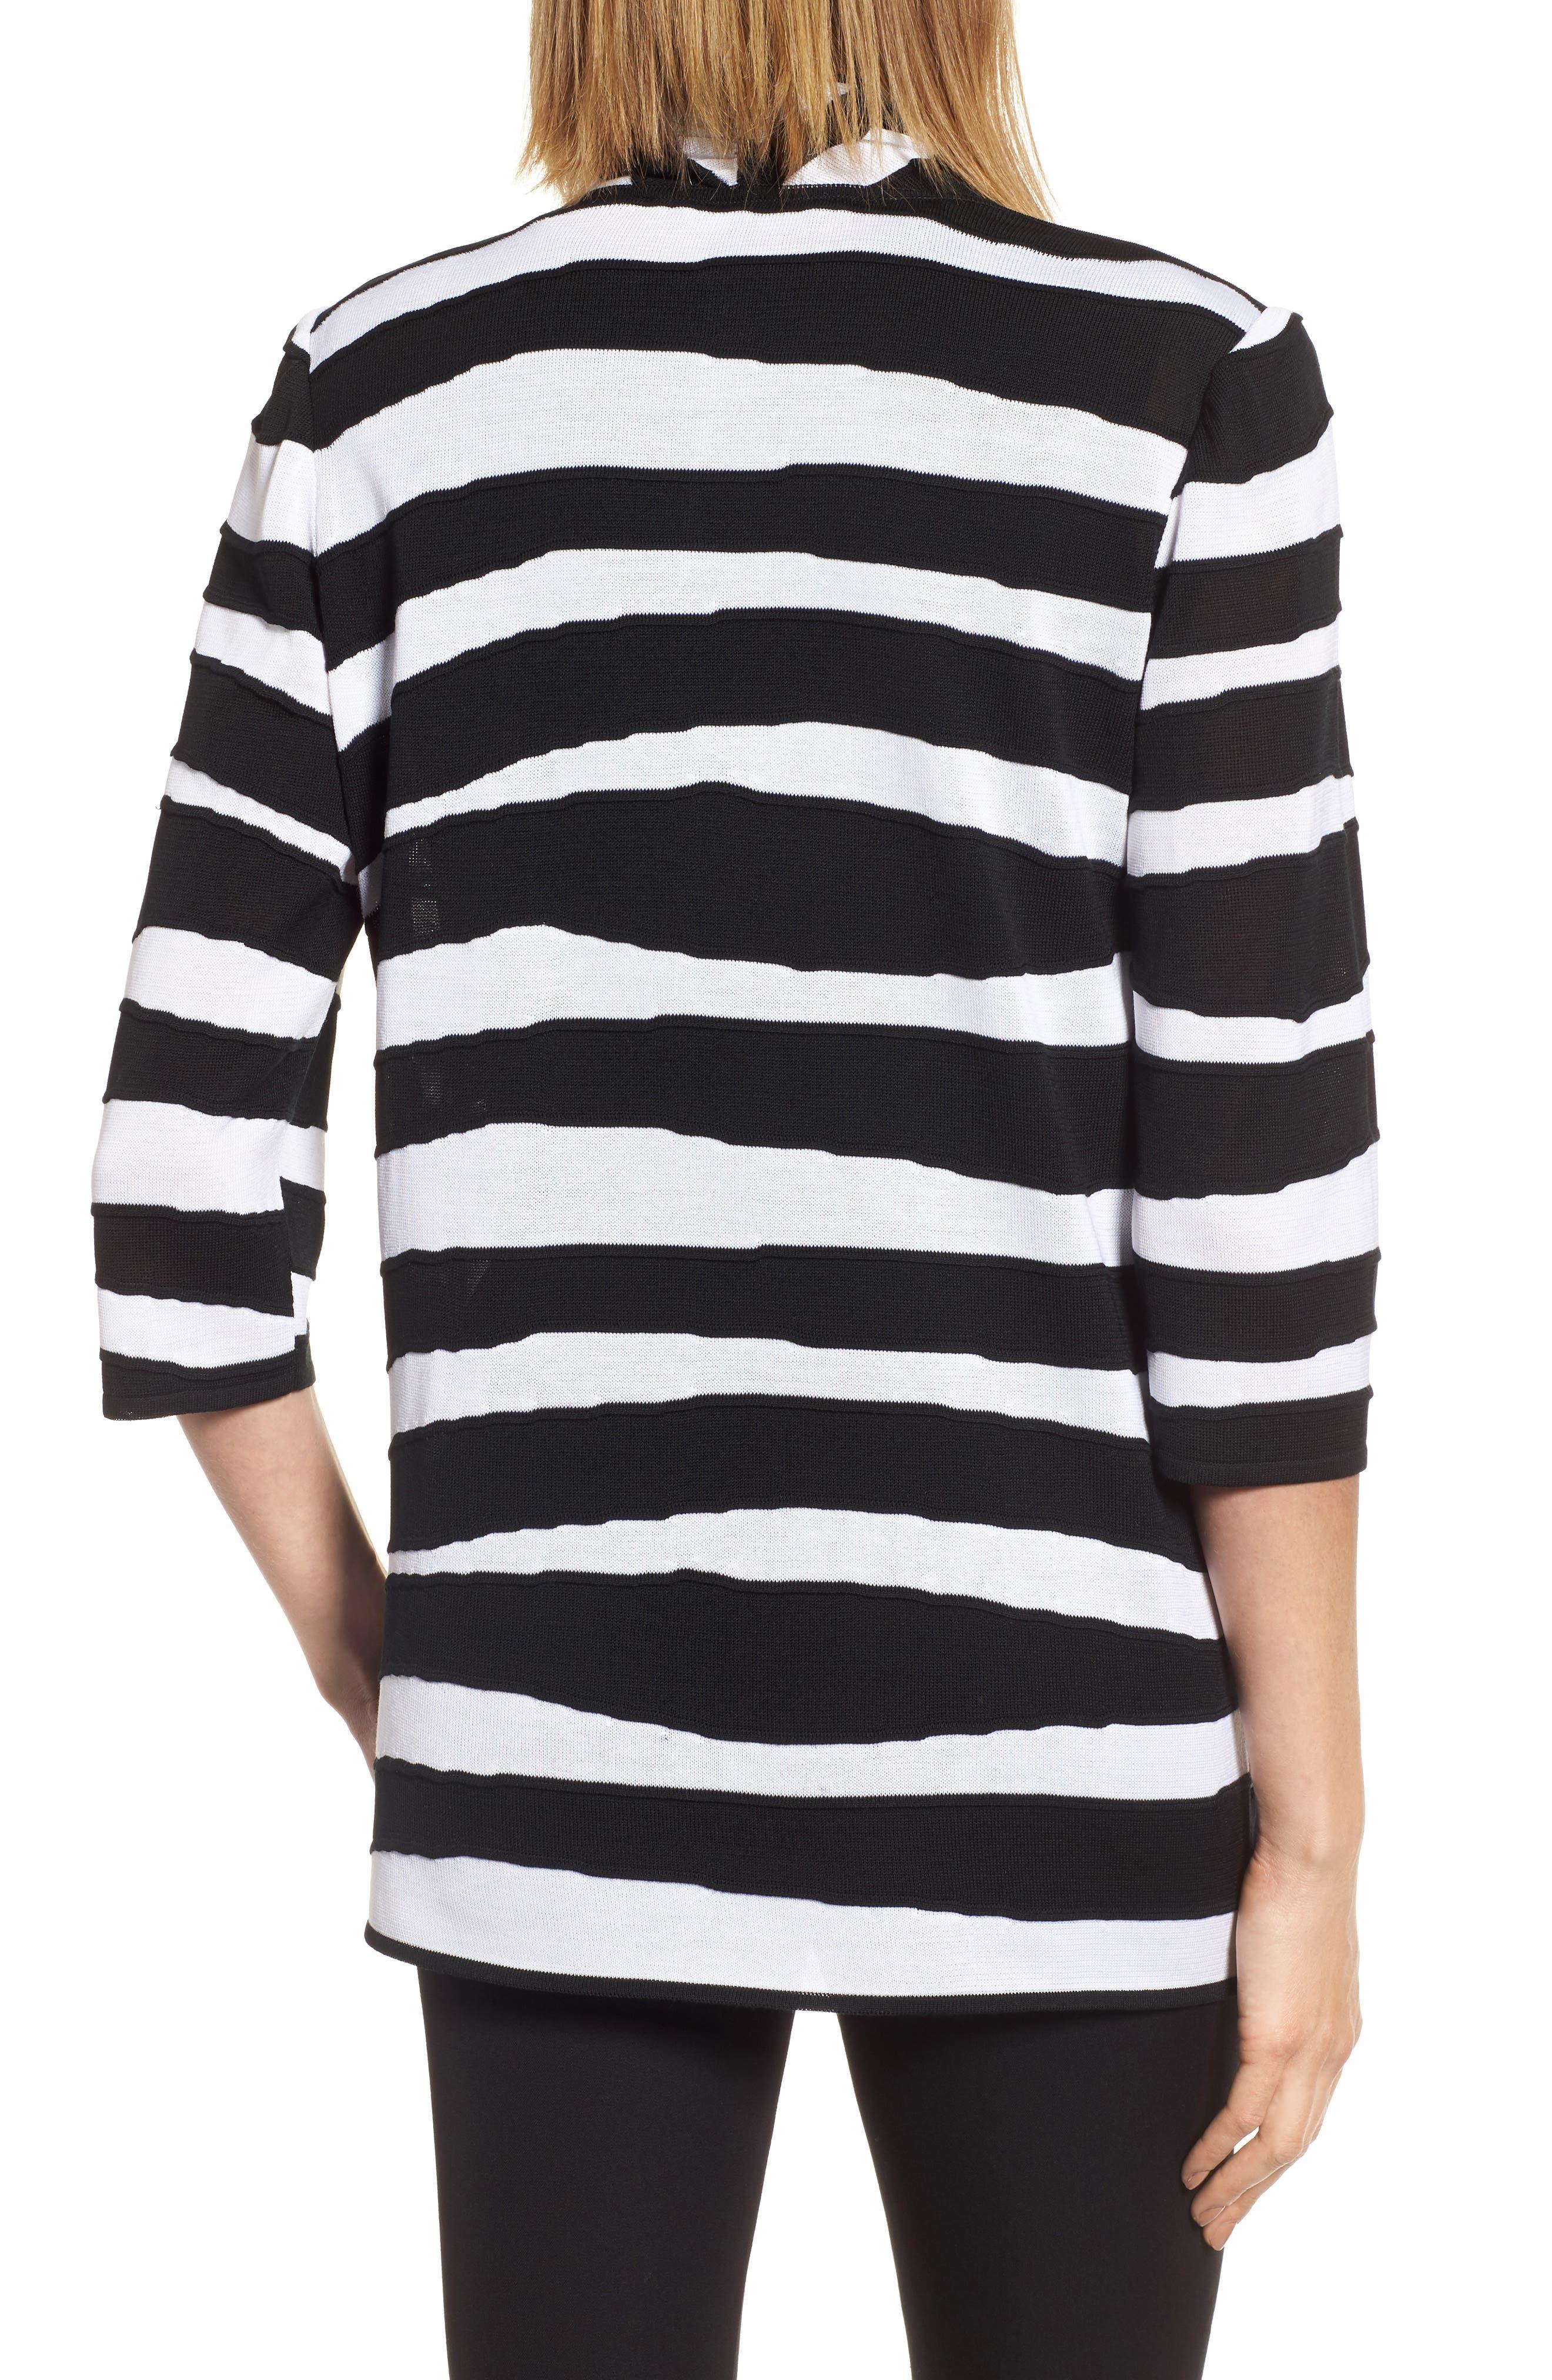 Animal Jacquard Knit Jacket,                             Alternate thumbnail 2, color,                             Black/ White